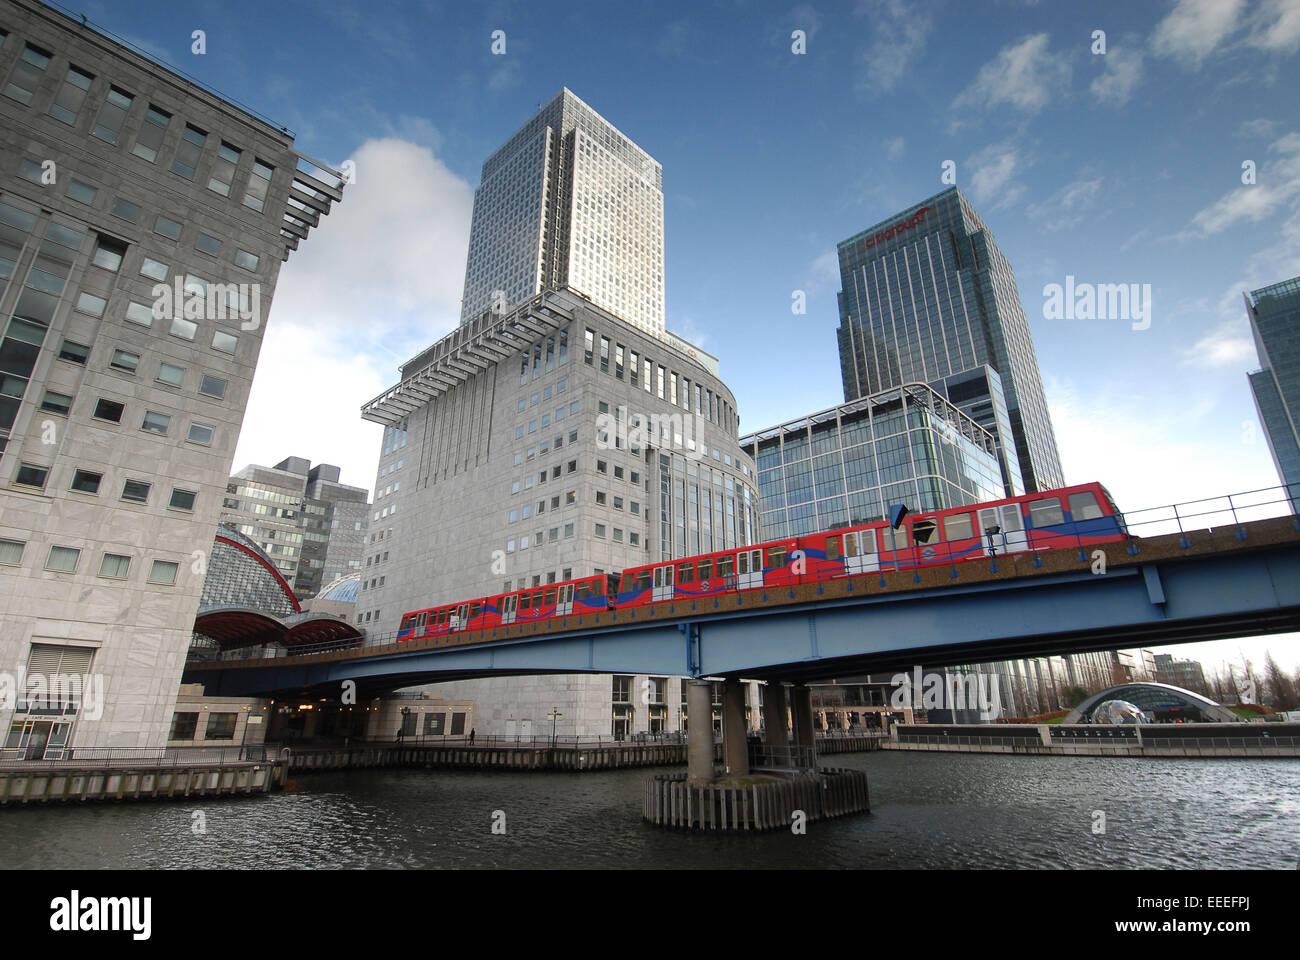 DLR treno sul ponte ferroviario nei Docklands Immagini Stock